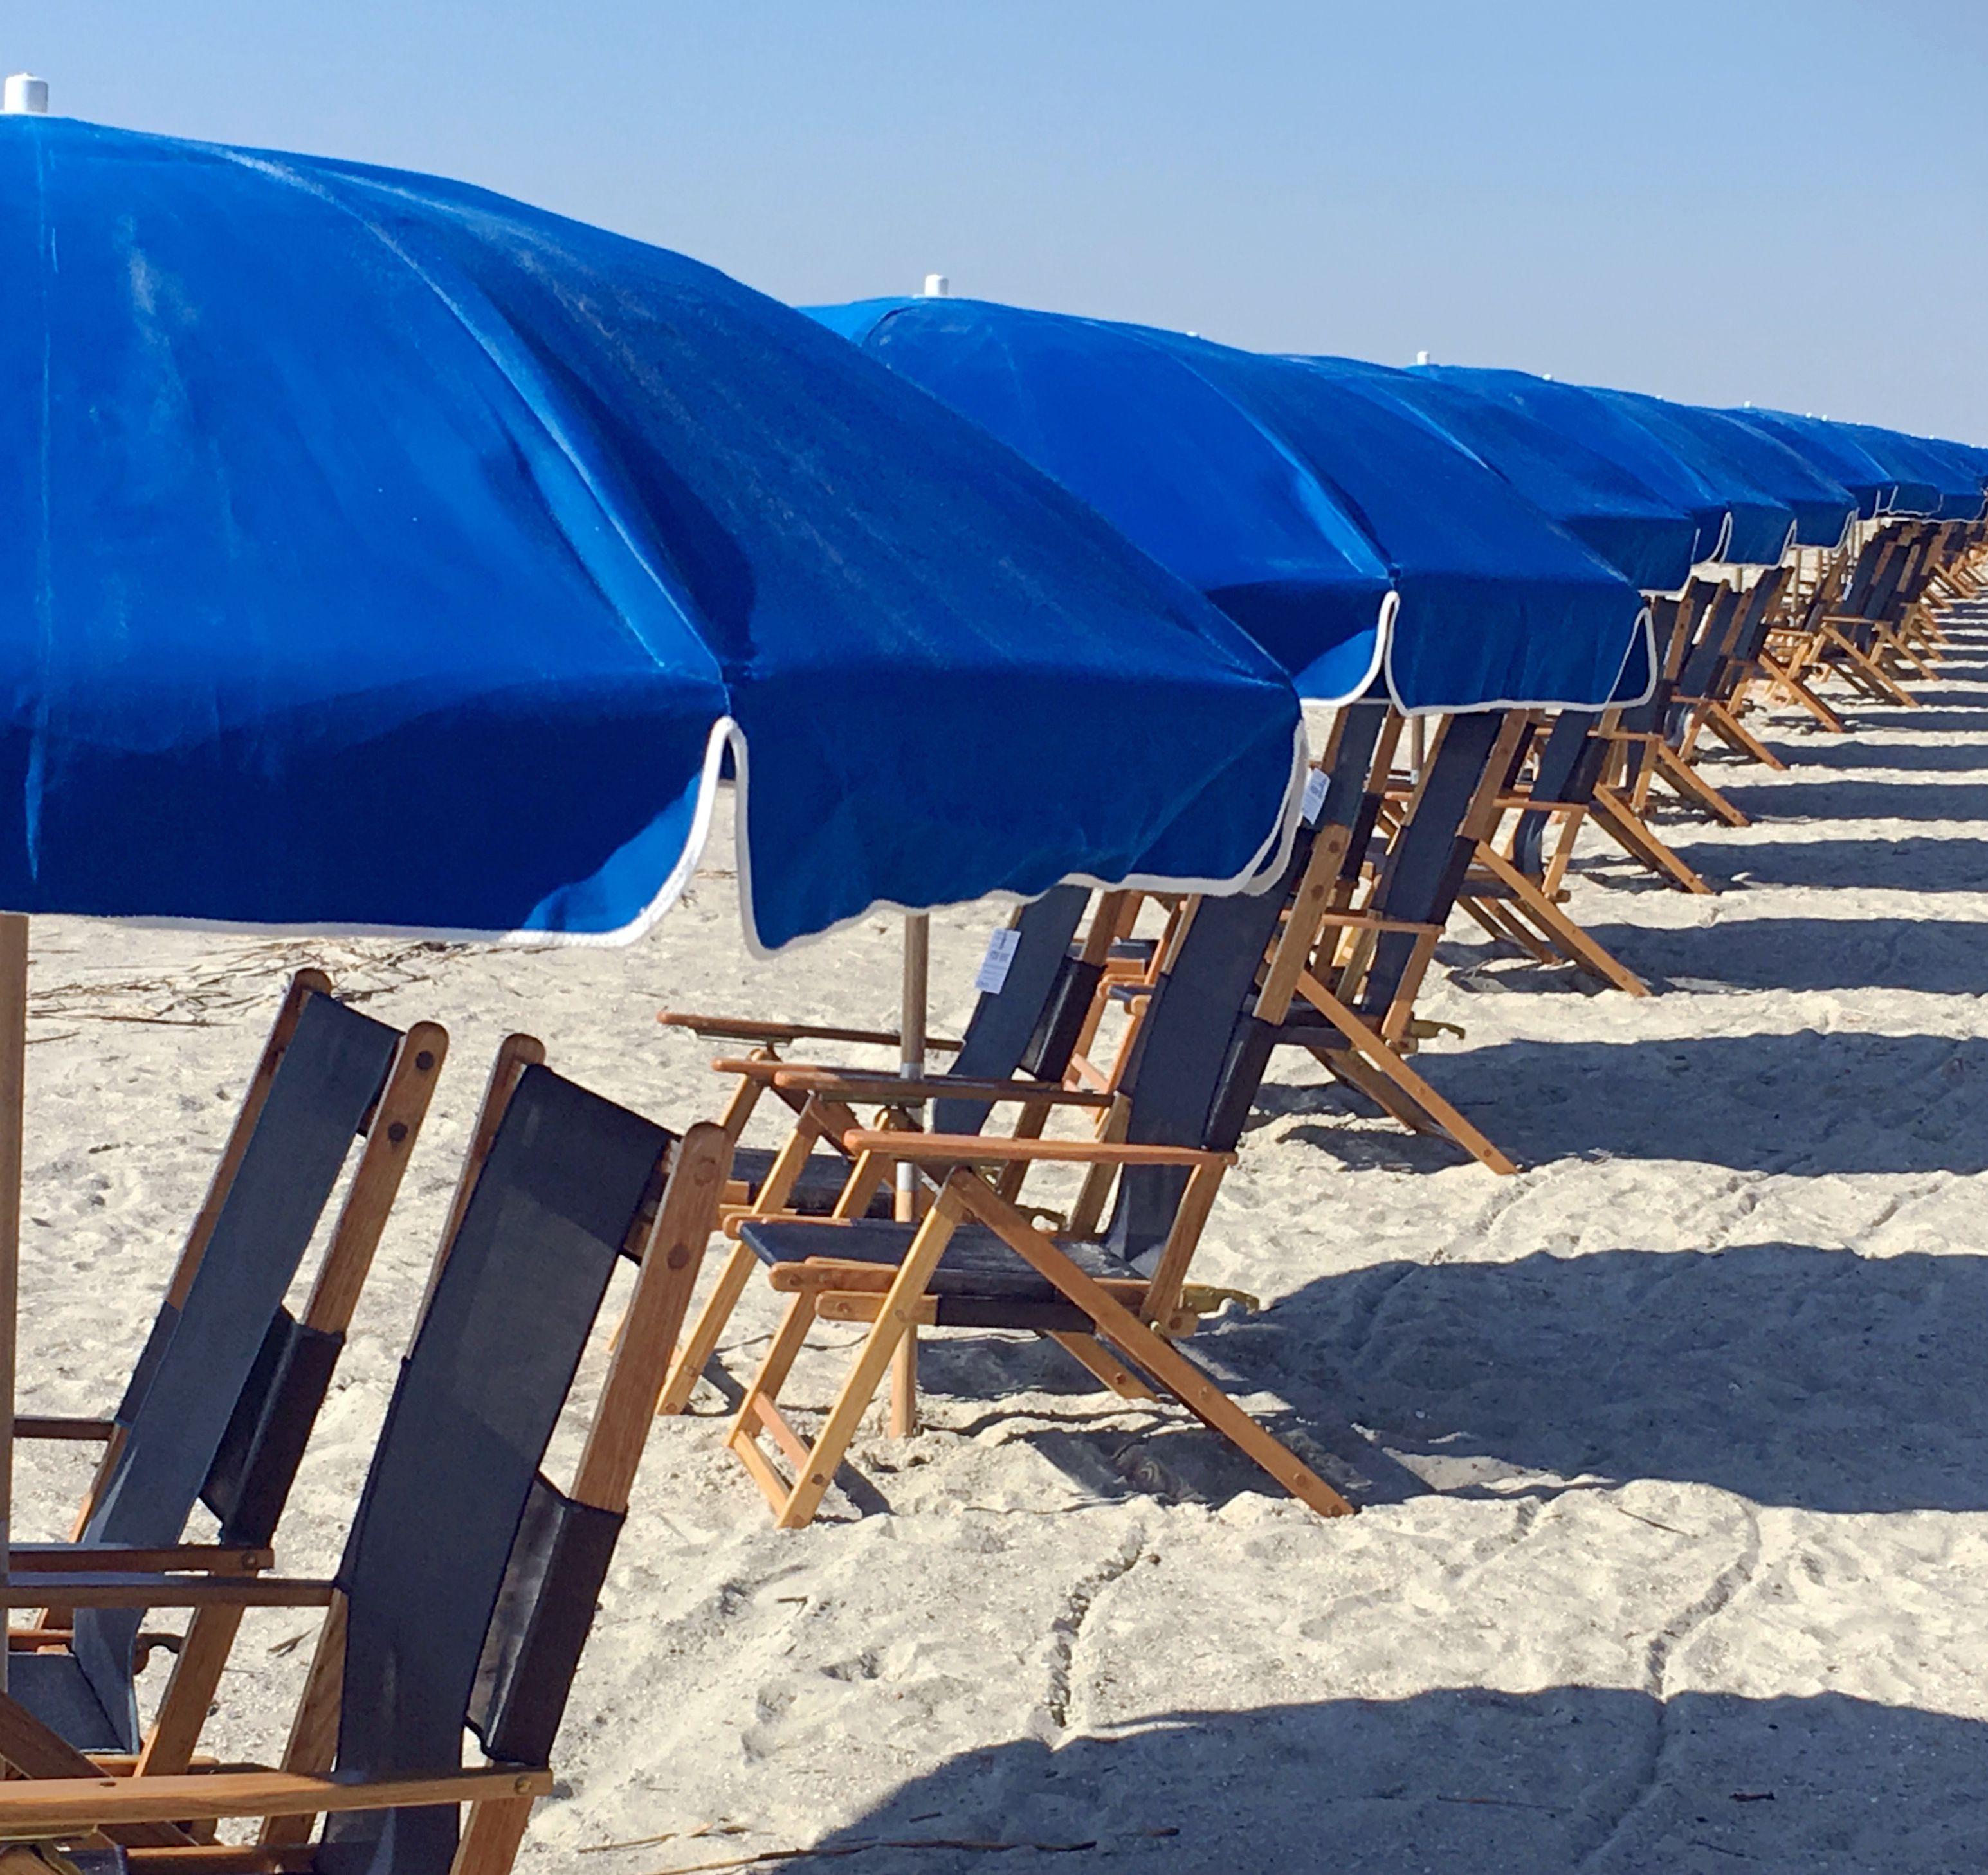 Hilton Head Island Beach, umbrellas and chairs